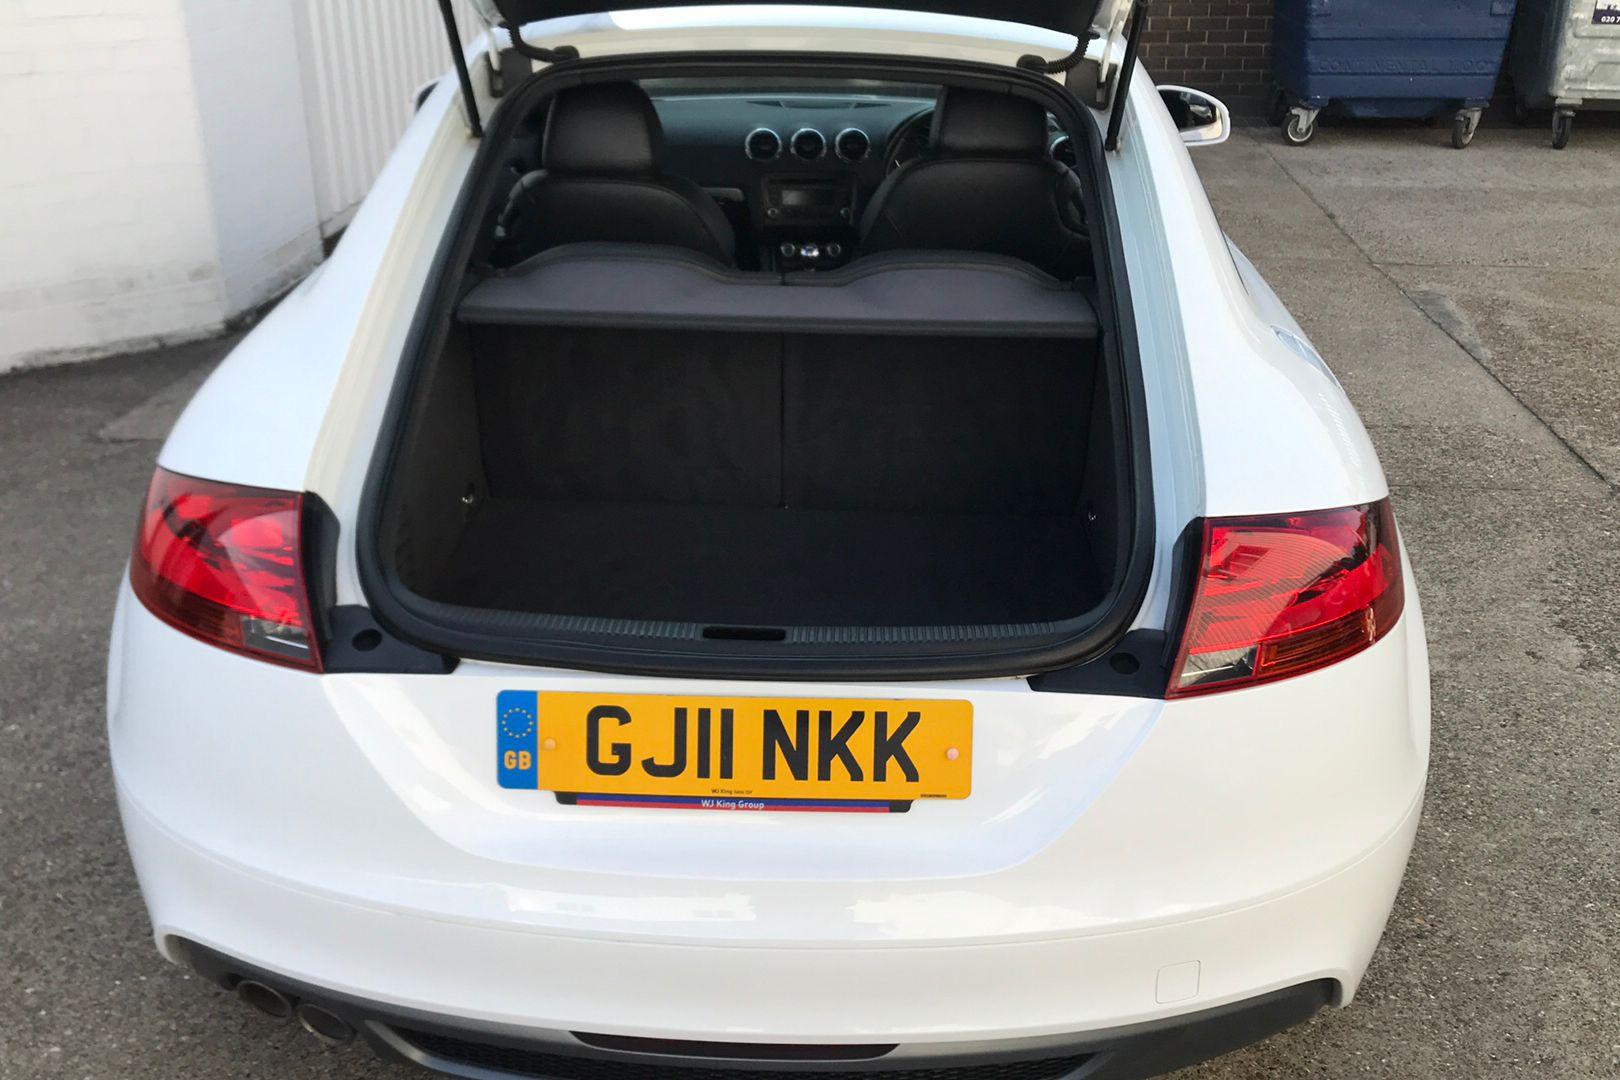 Used Audi Tt 2.0 TDI Quattro S Line 2011 for sale in Dartford, Kent from Group GJ11NKK